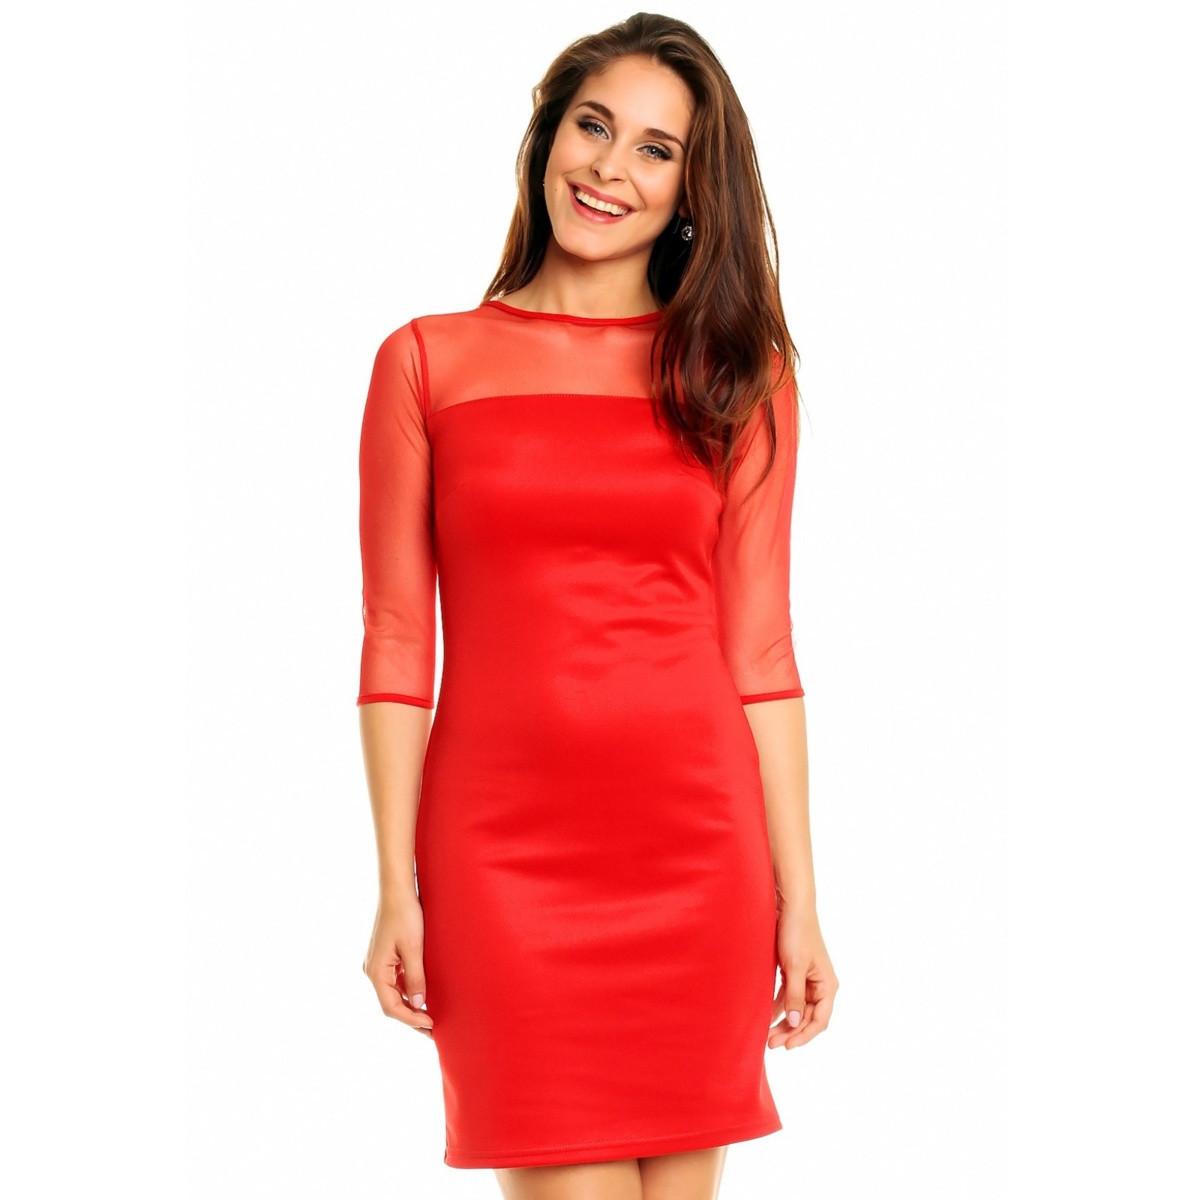 Společenské a párty šaty MAYAADI s šifonovým živutkem a rukávy červené - Červená - MAYAADI červená S